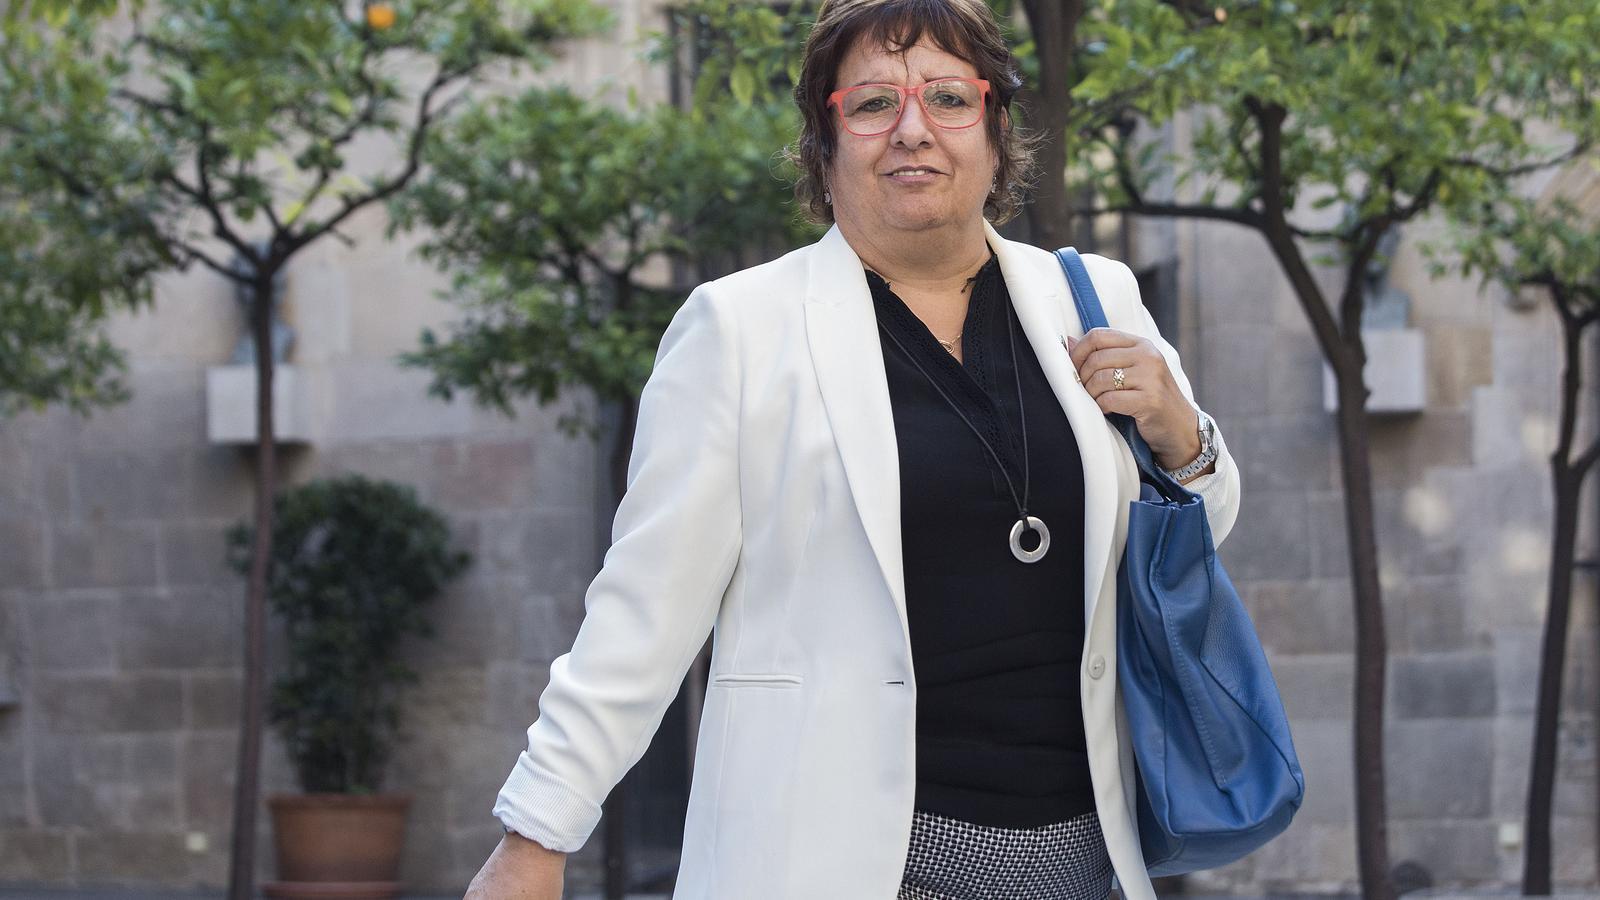 L'exconsellera de Treball, Dolors Bassa, en una imatge d'arxiu cinc dies abans del referèndum del 2017.